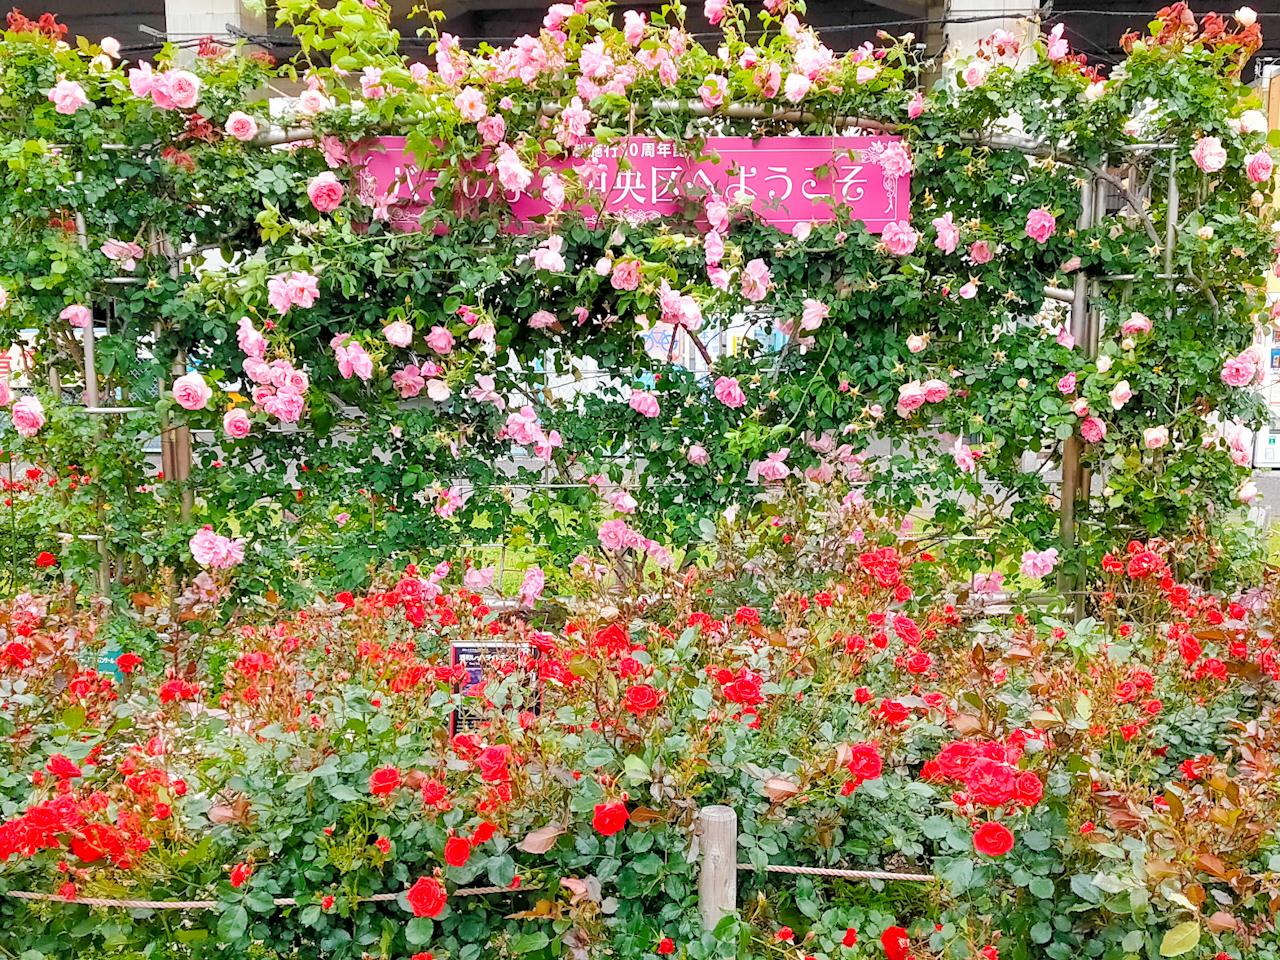 さいたま市中央区の区の花「バラ」が見頃